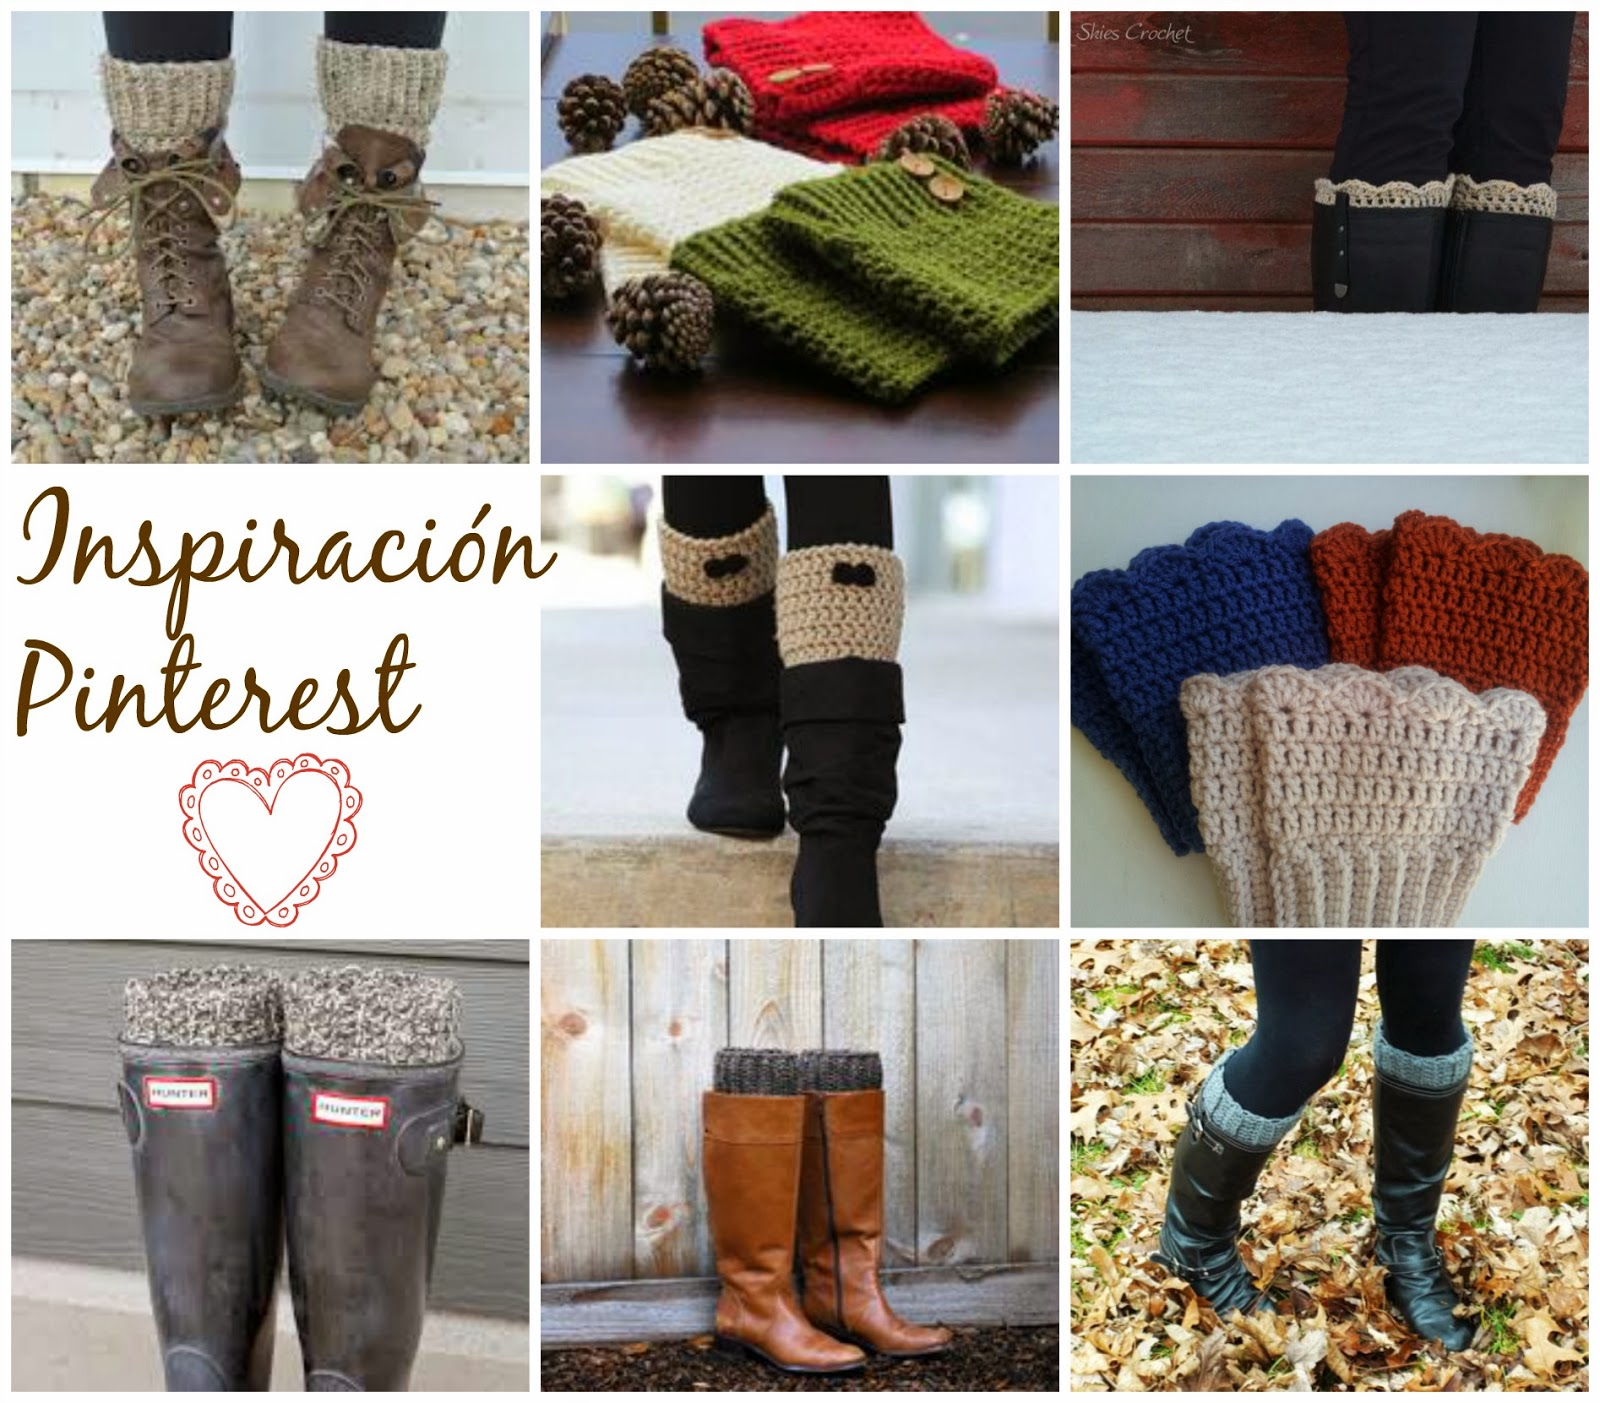 diy cubre botas de crochet - Handbox Craft Lovers | Comunidad DIY ...